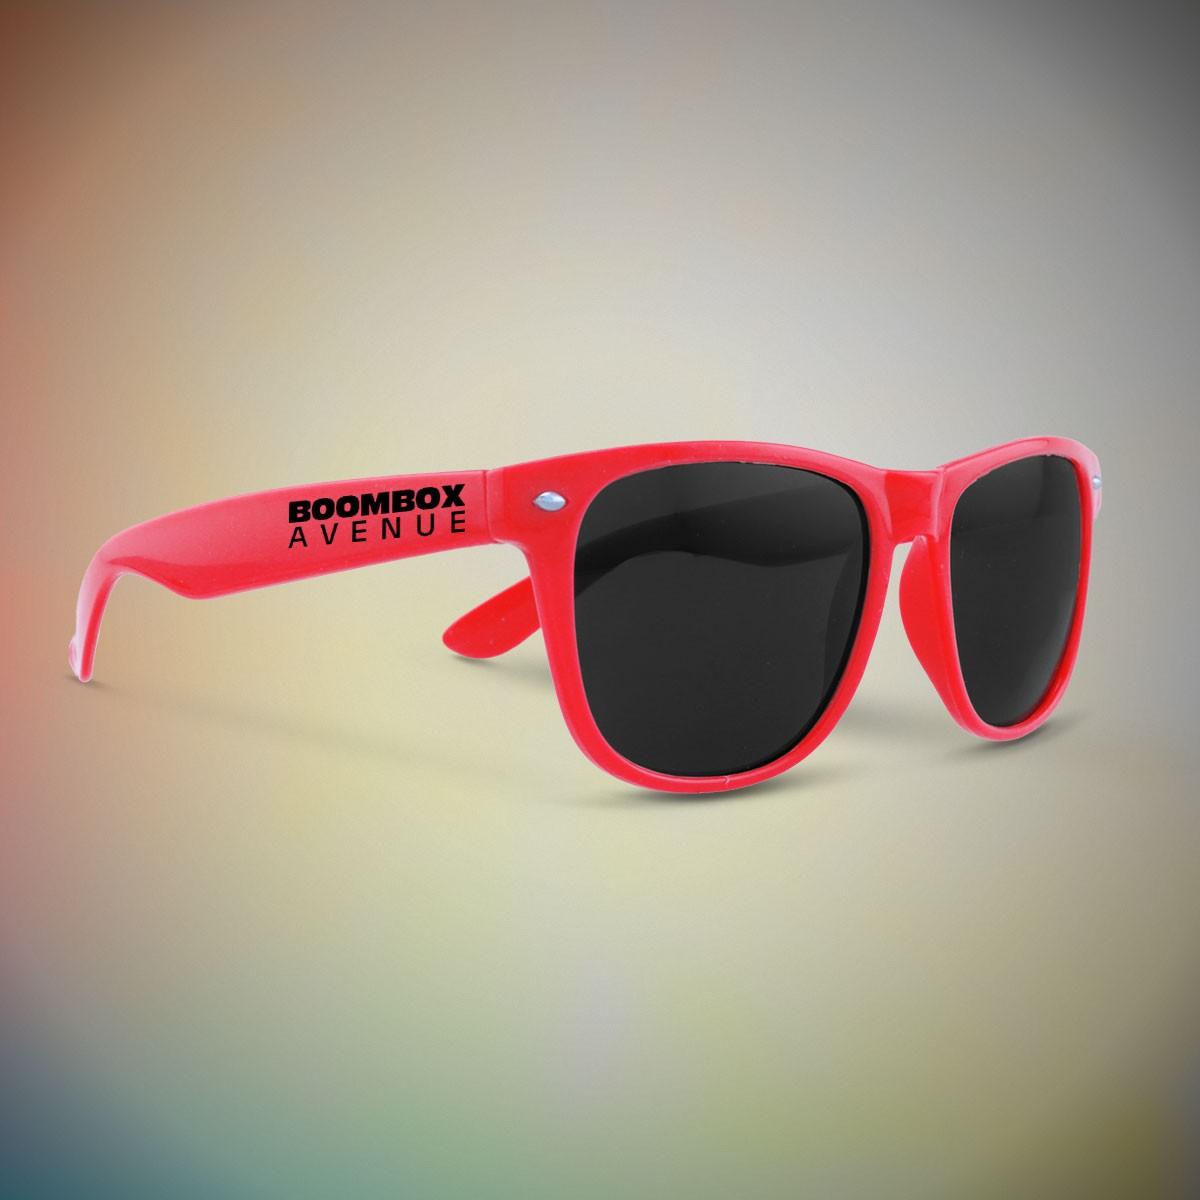 Premium Red Classic Retro Sunglasses